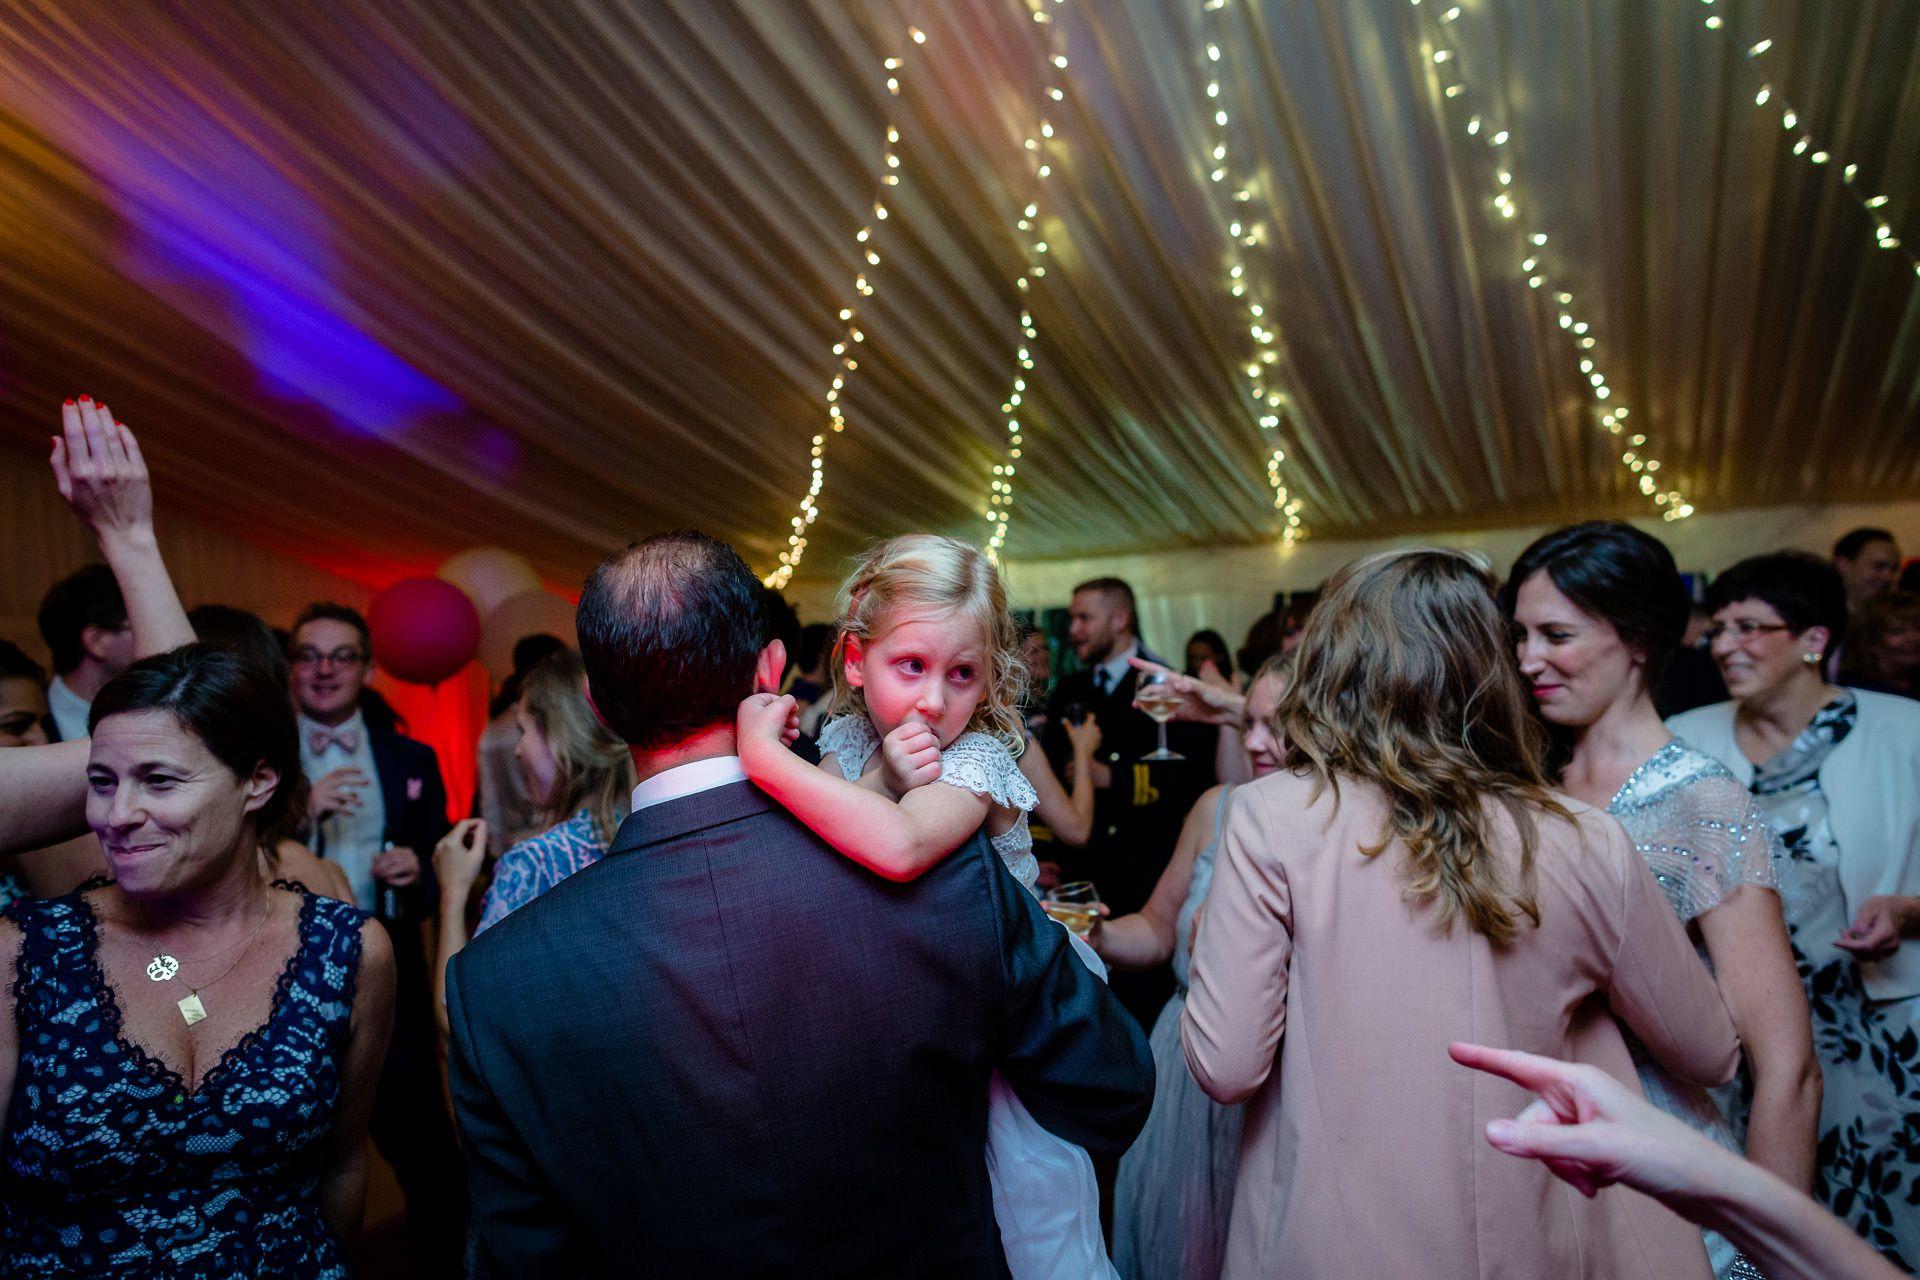 weddin guests dancing